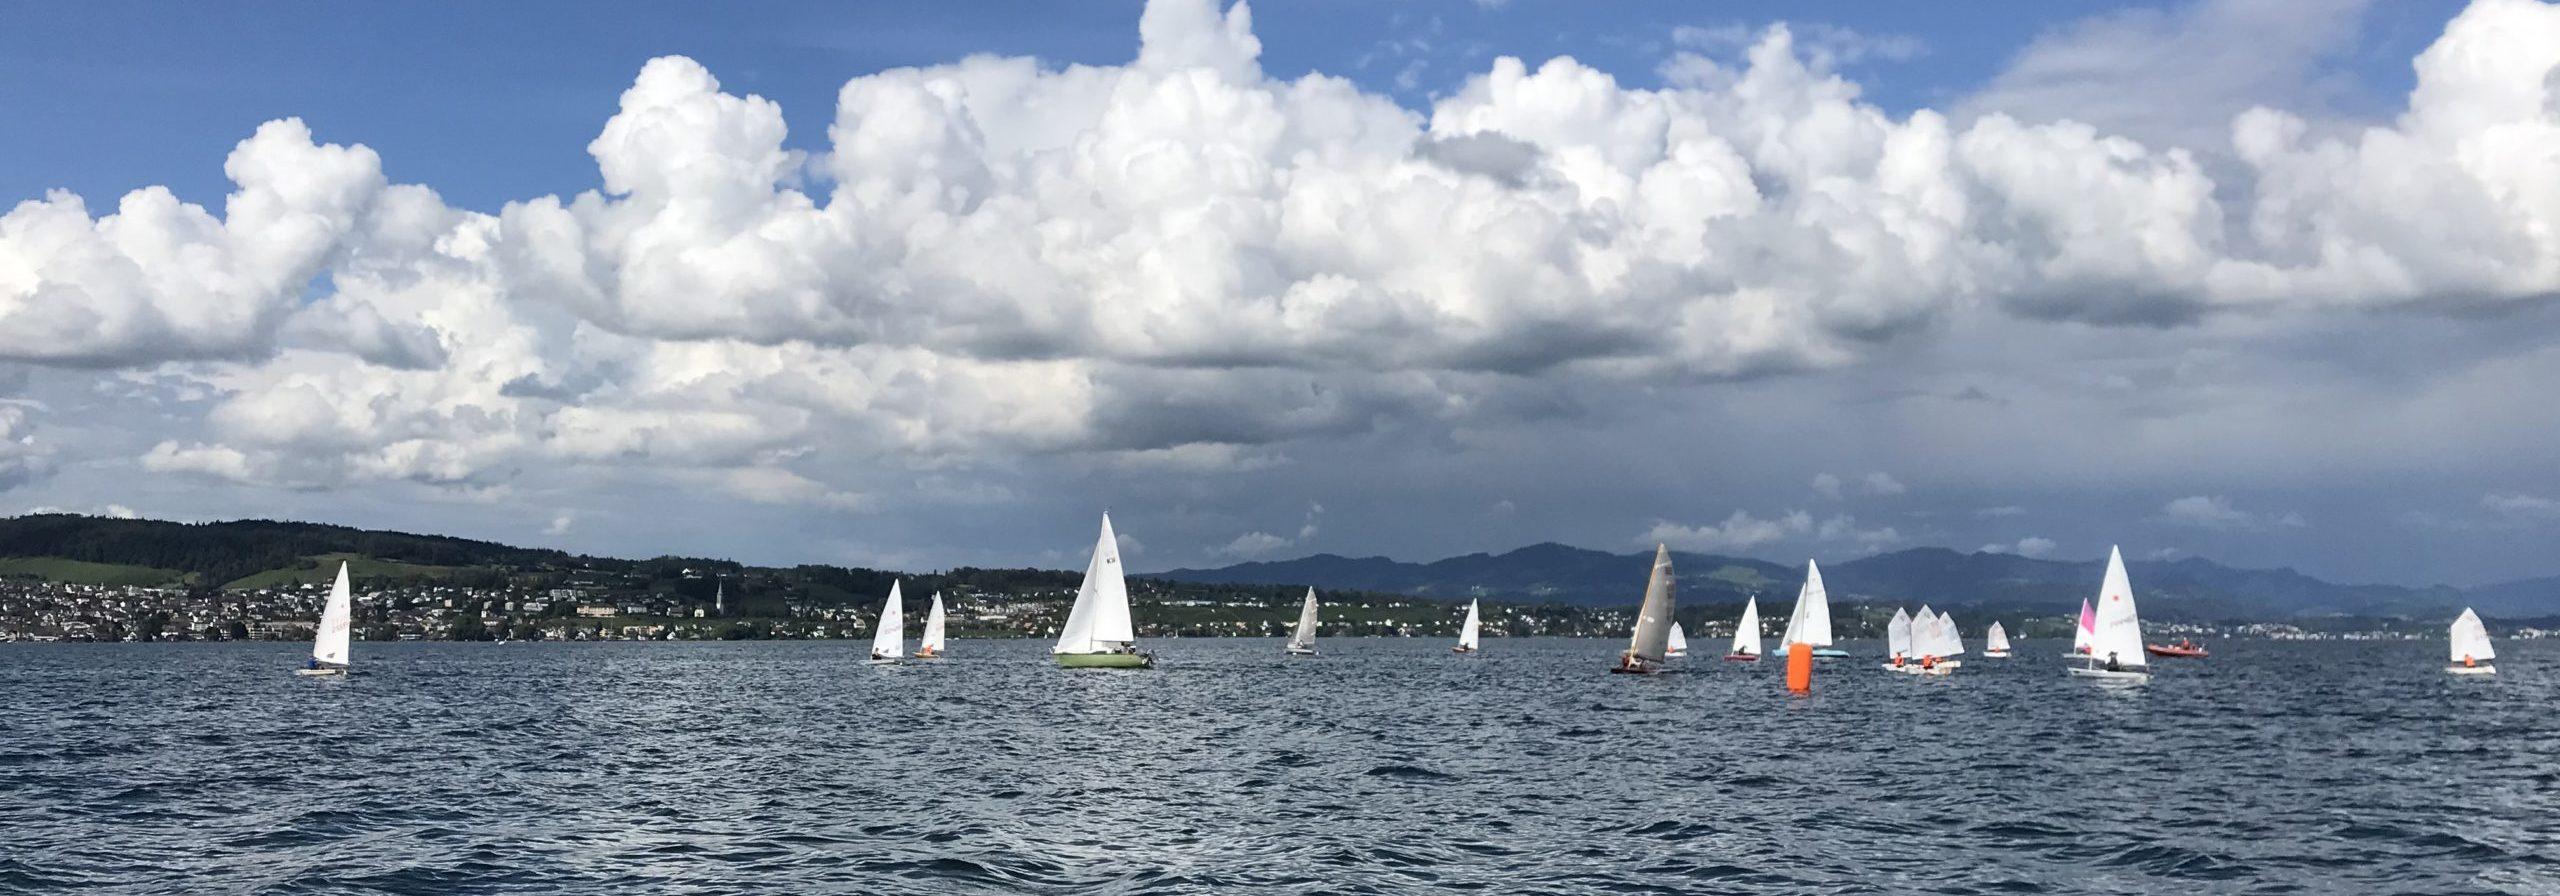 Abendregatta am 20.6.2020 mit besten Windverhältnissen und 18 Booten